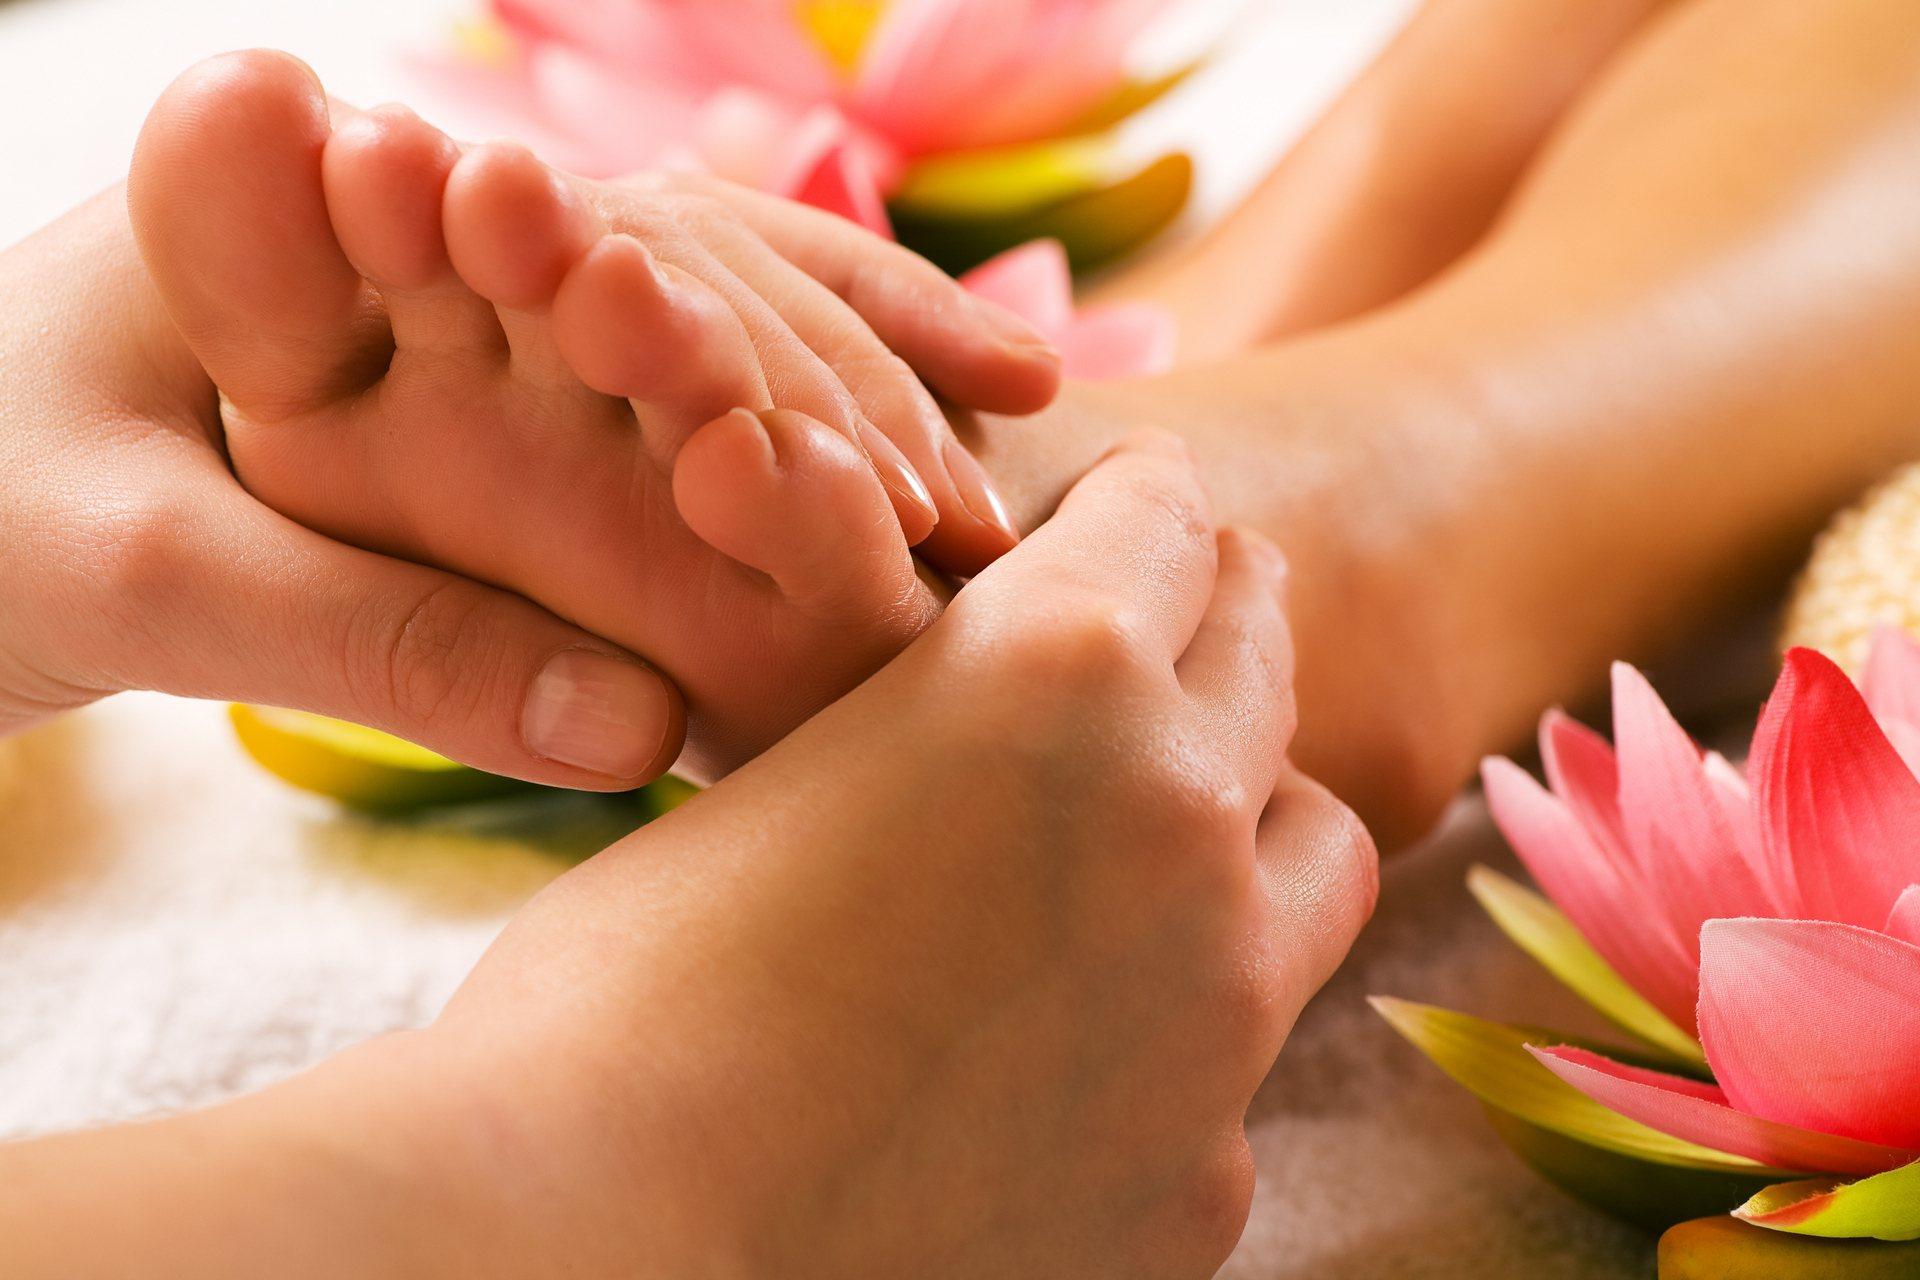 masszázs az ujjak ízületeinek fájdalma érdekében